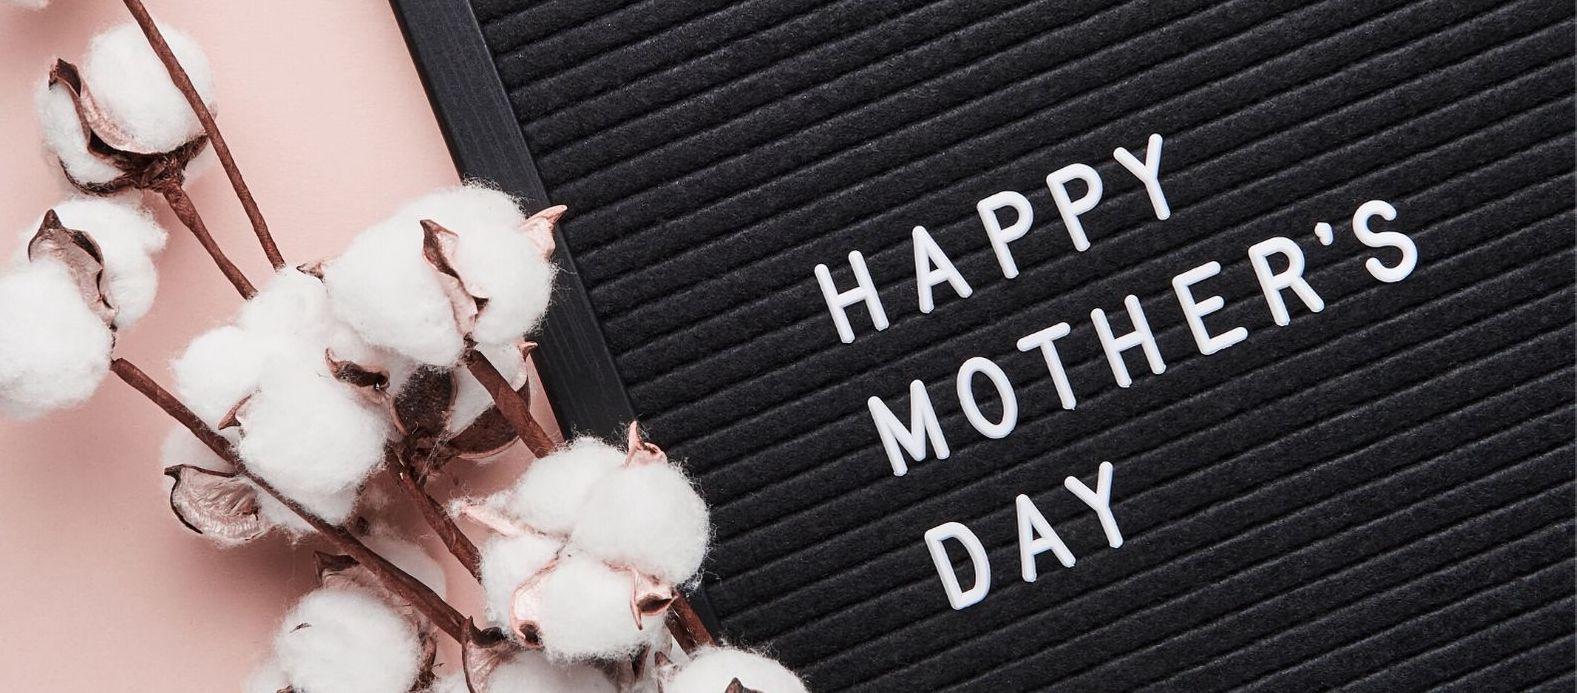 Muttertag in Coronazeiten. Ideen Muttertag Isolation. Clasophia Blogartikel